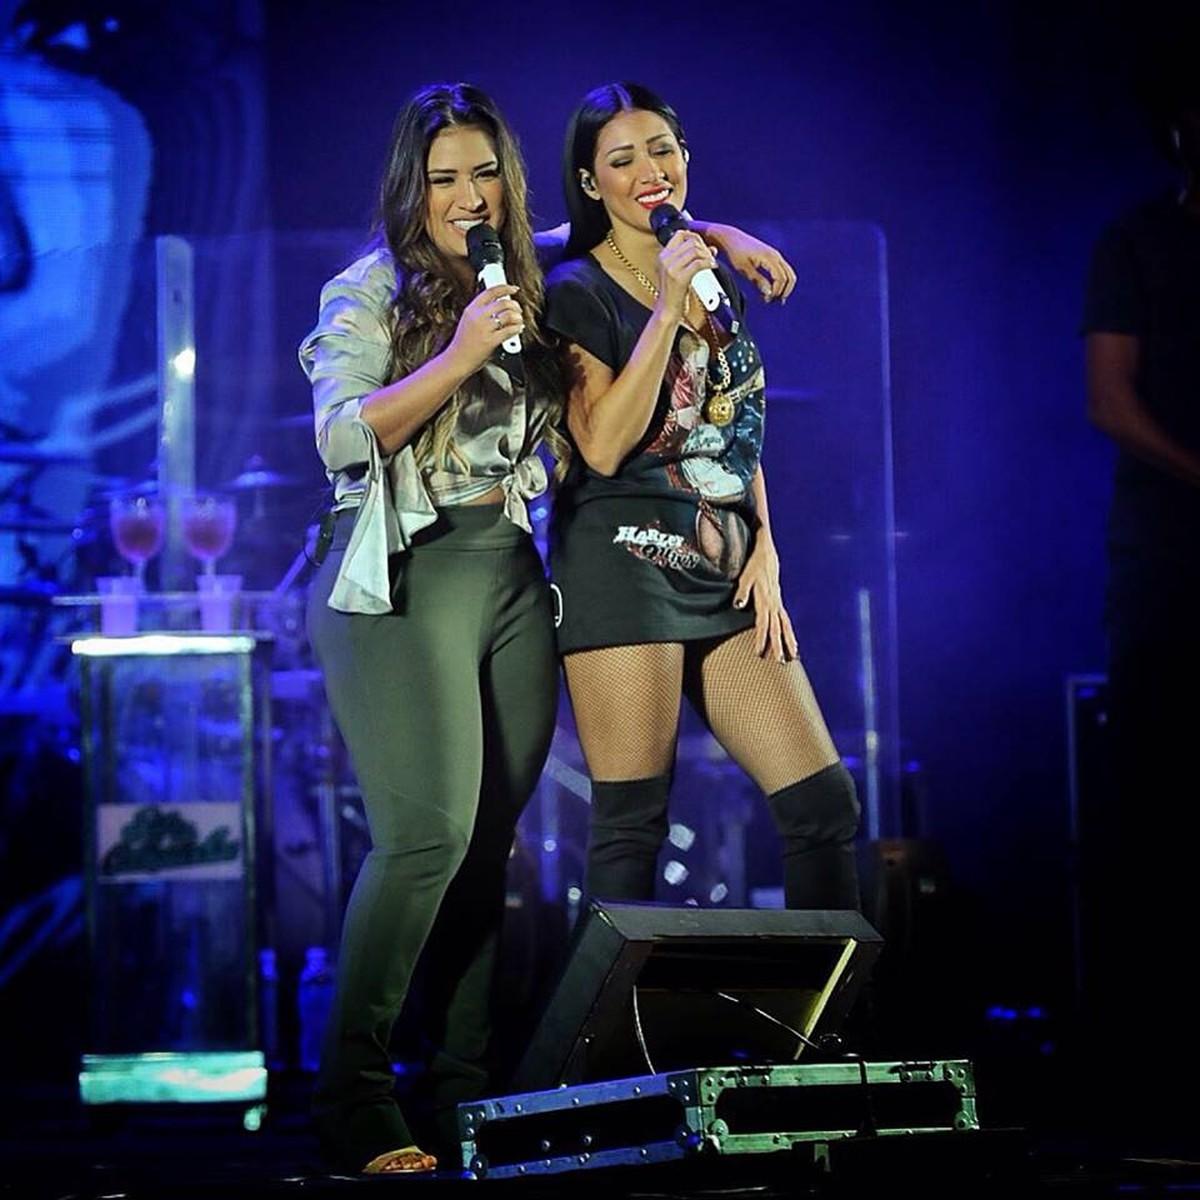 Após cancelamento, show de Simone e Simaria em Boa Vista deve ocorrer em março de 2018